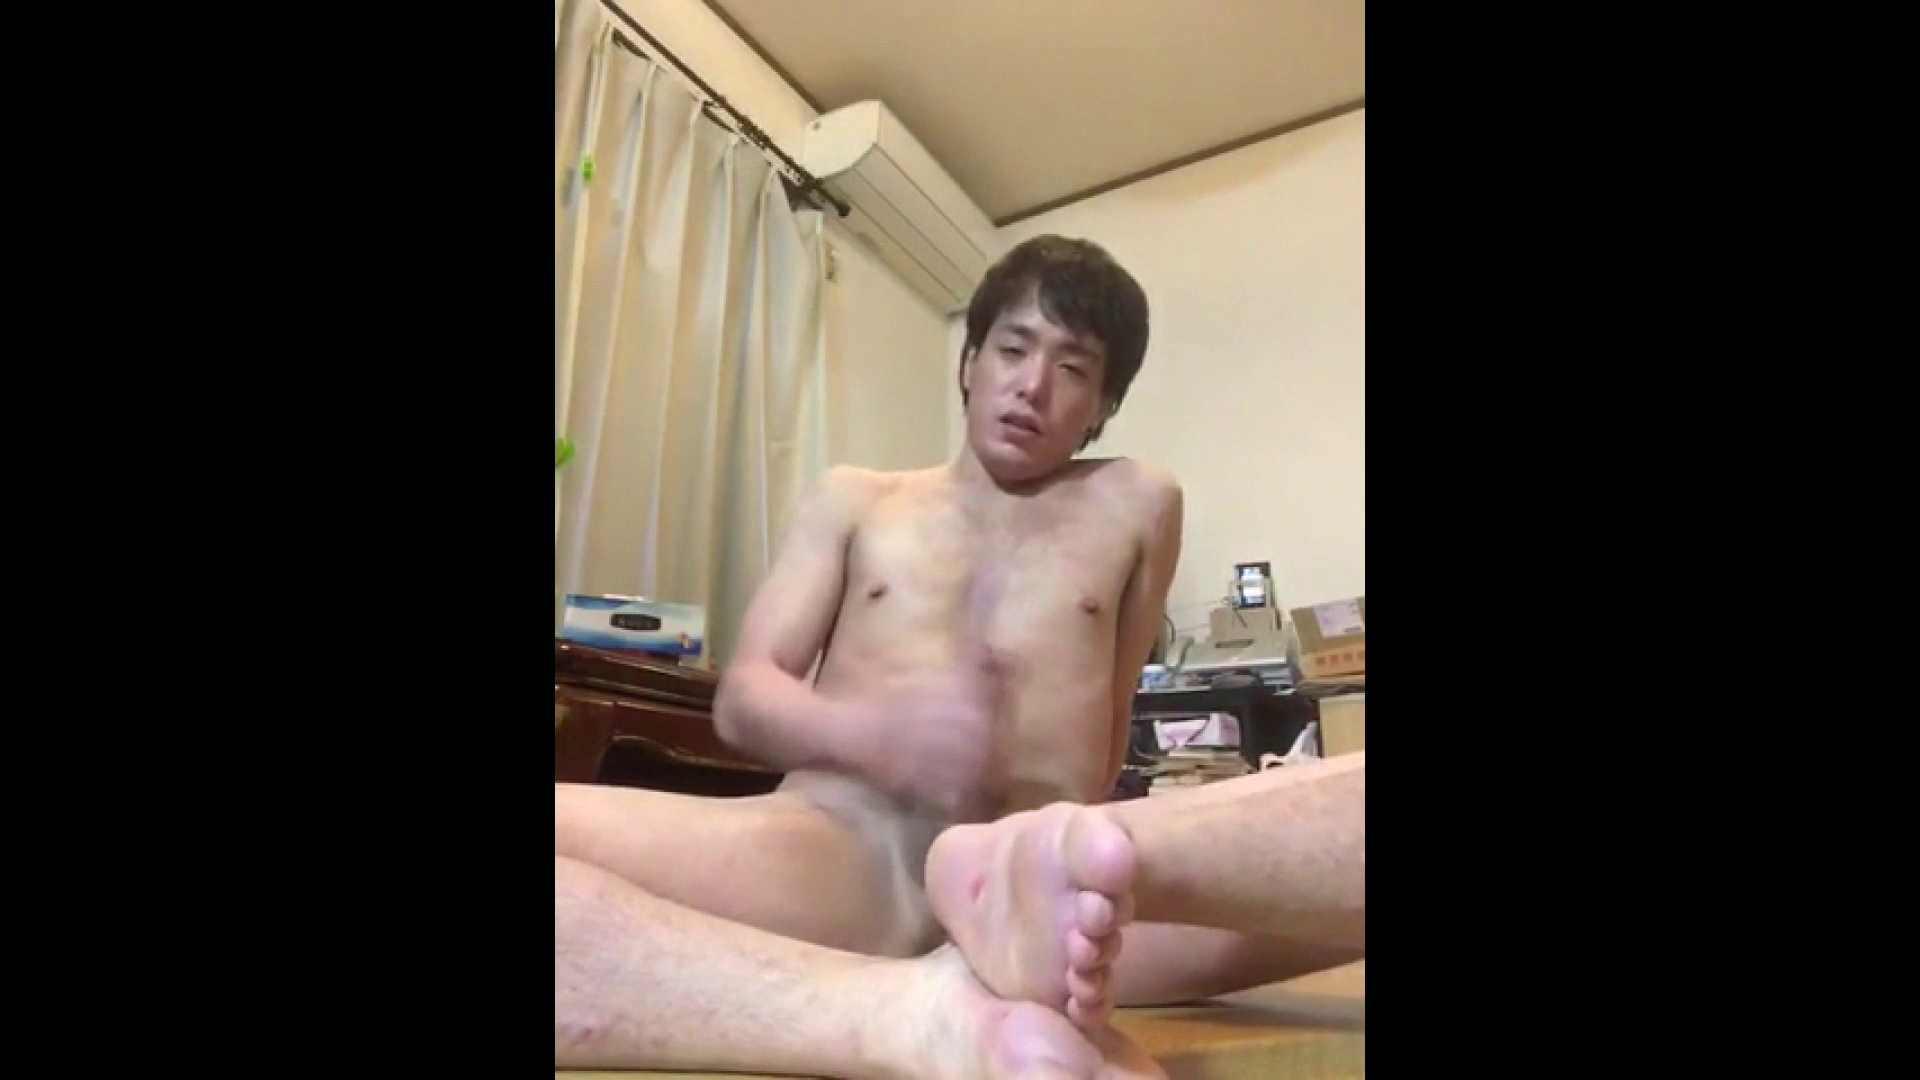 個人撮影 自慰の極意 Vol.30 個人撮影 ゲイエロ動画 78pic 35